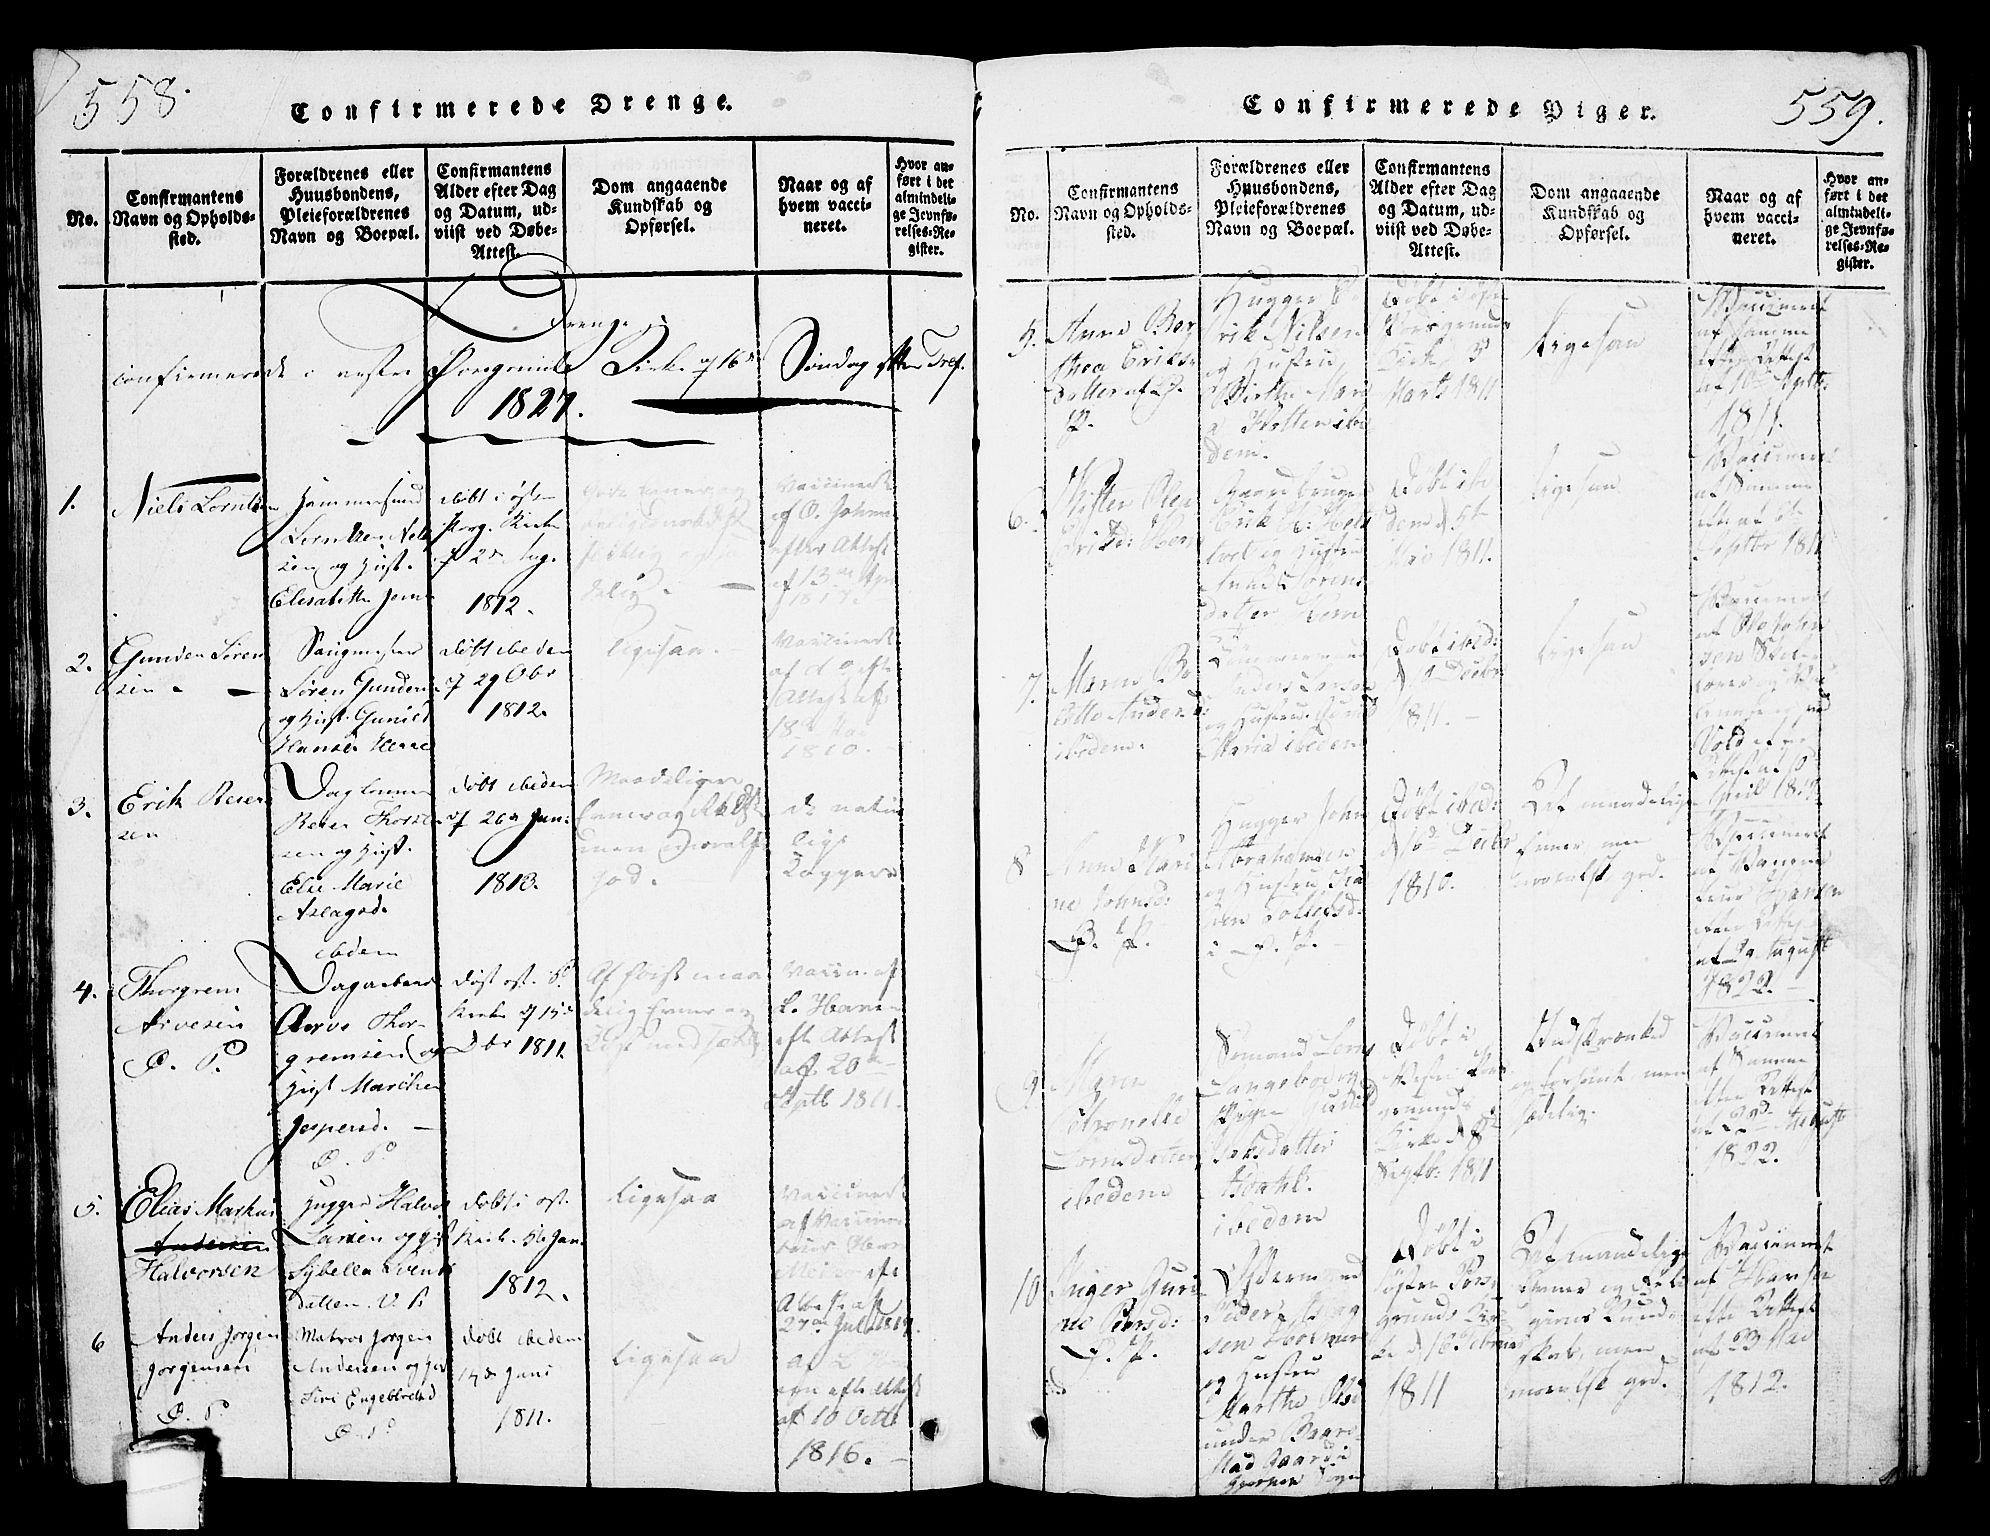 SAKO, Porsgrunn kirkebøker , G/Gb/L0001: Klokkerbok nr. II 1, 1817-1828, s. 558-559